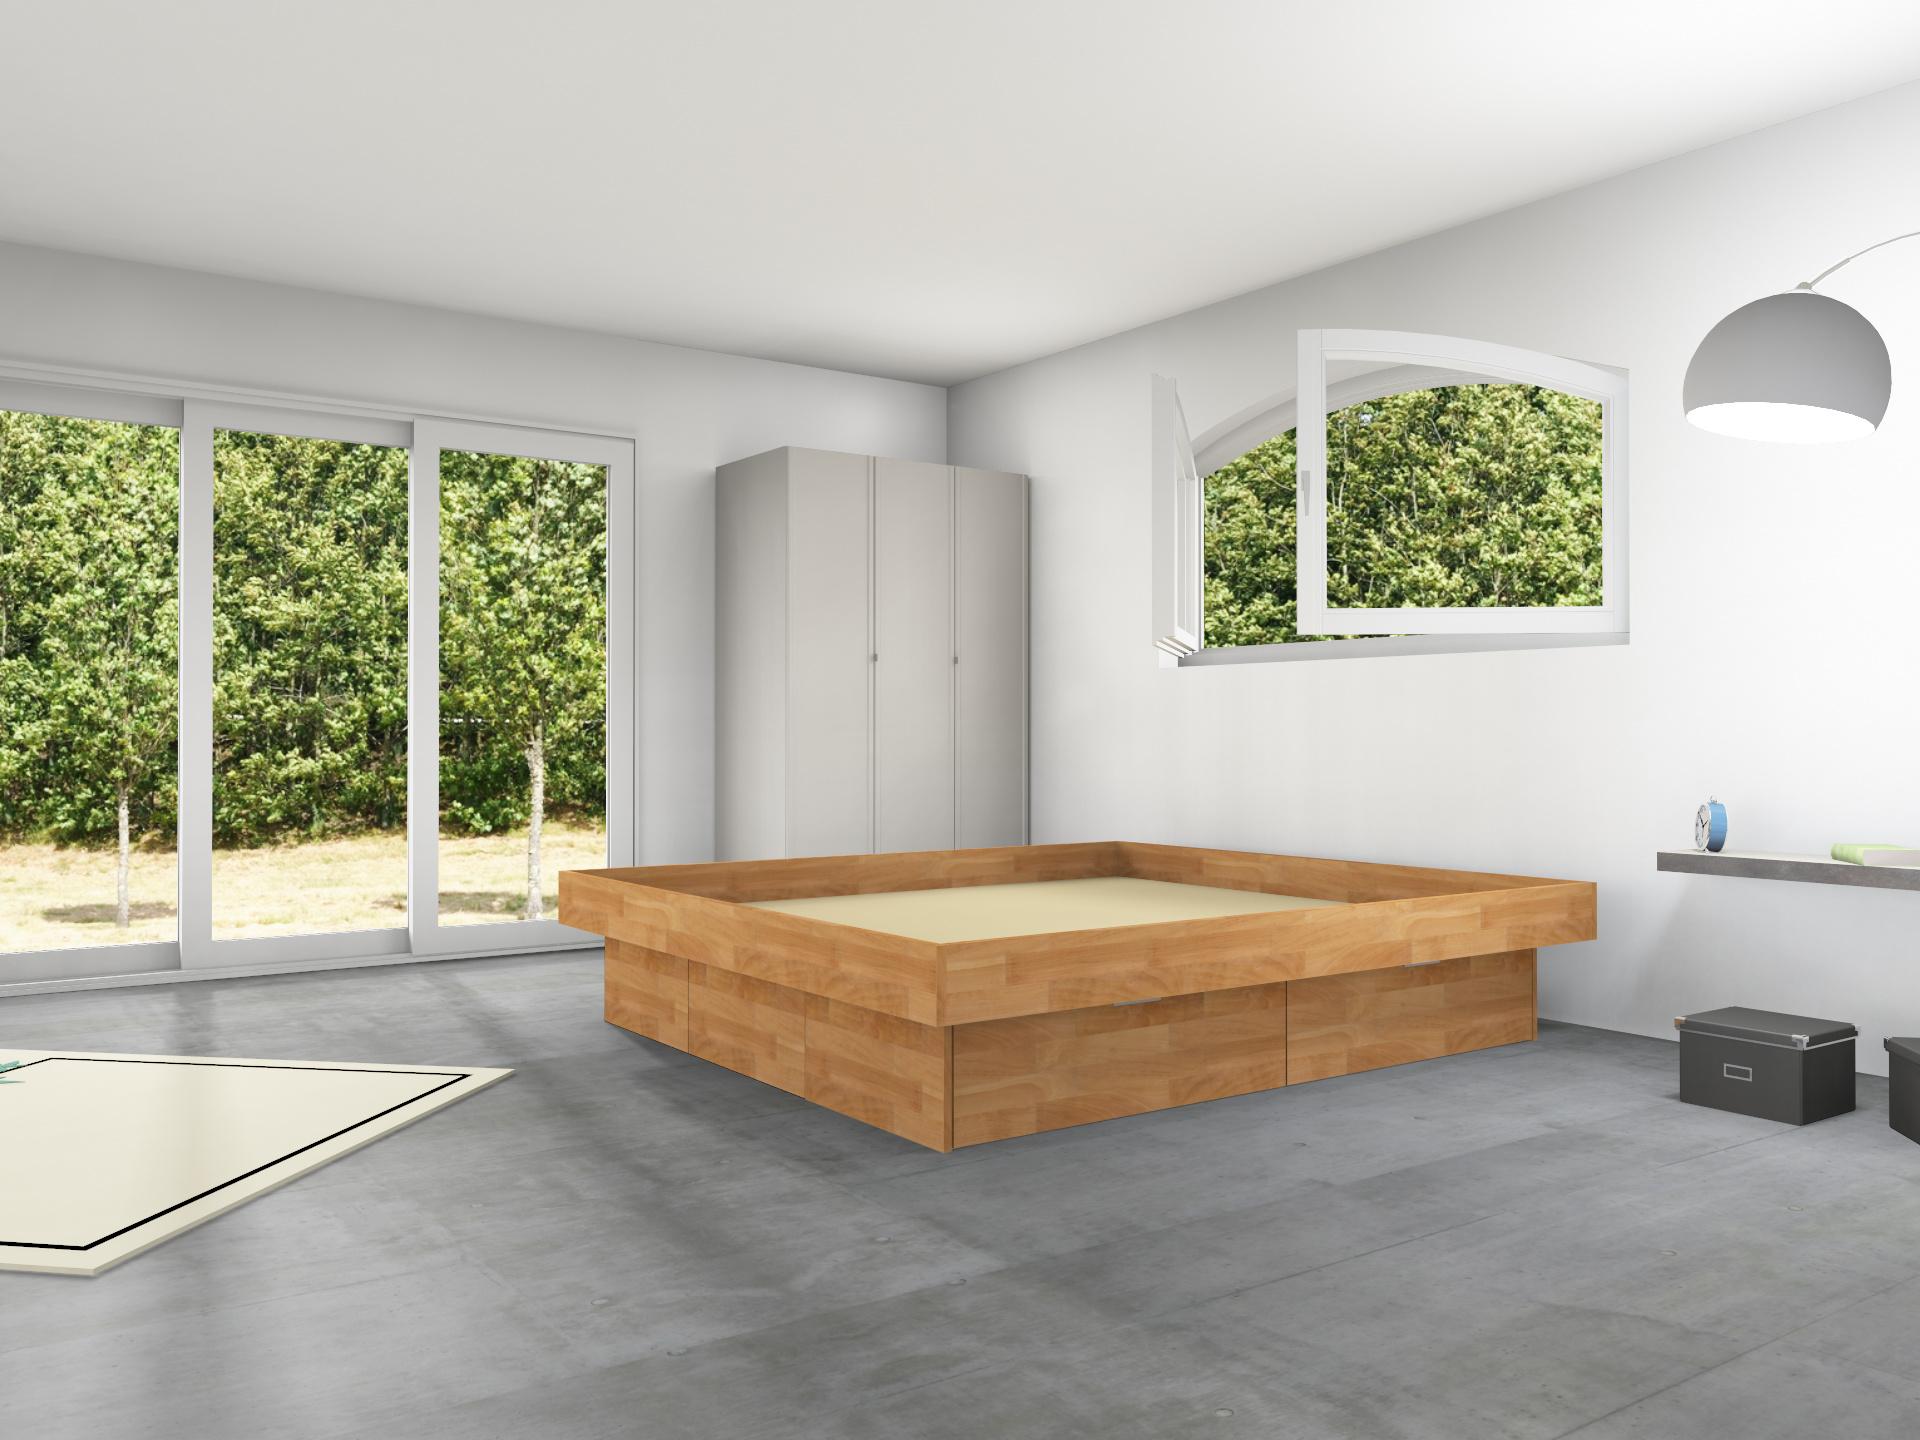 4er Schubladensockel Massivholz Podest für Wasserbetten mit Griffmulden und Umrandung